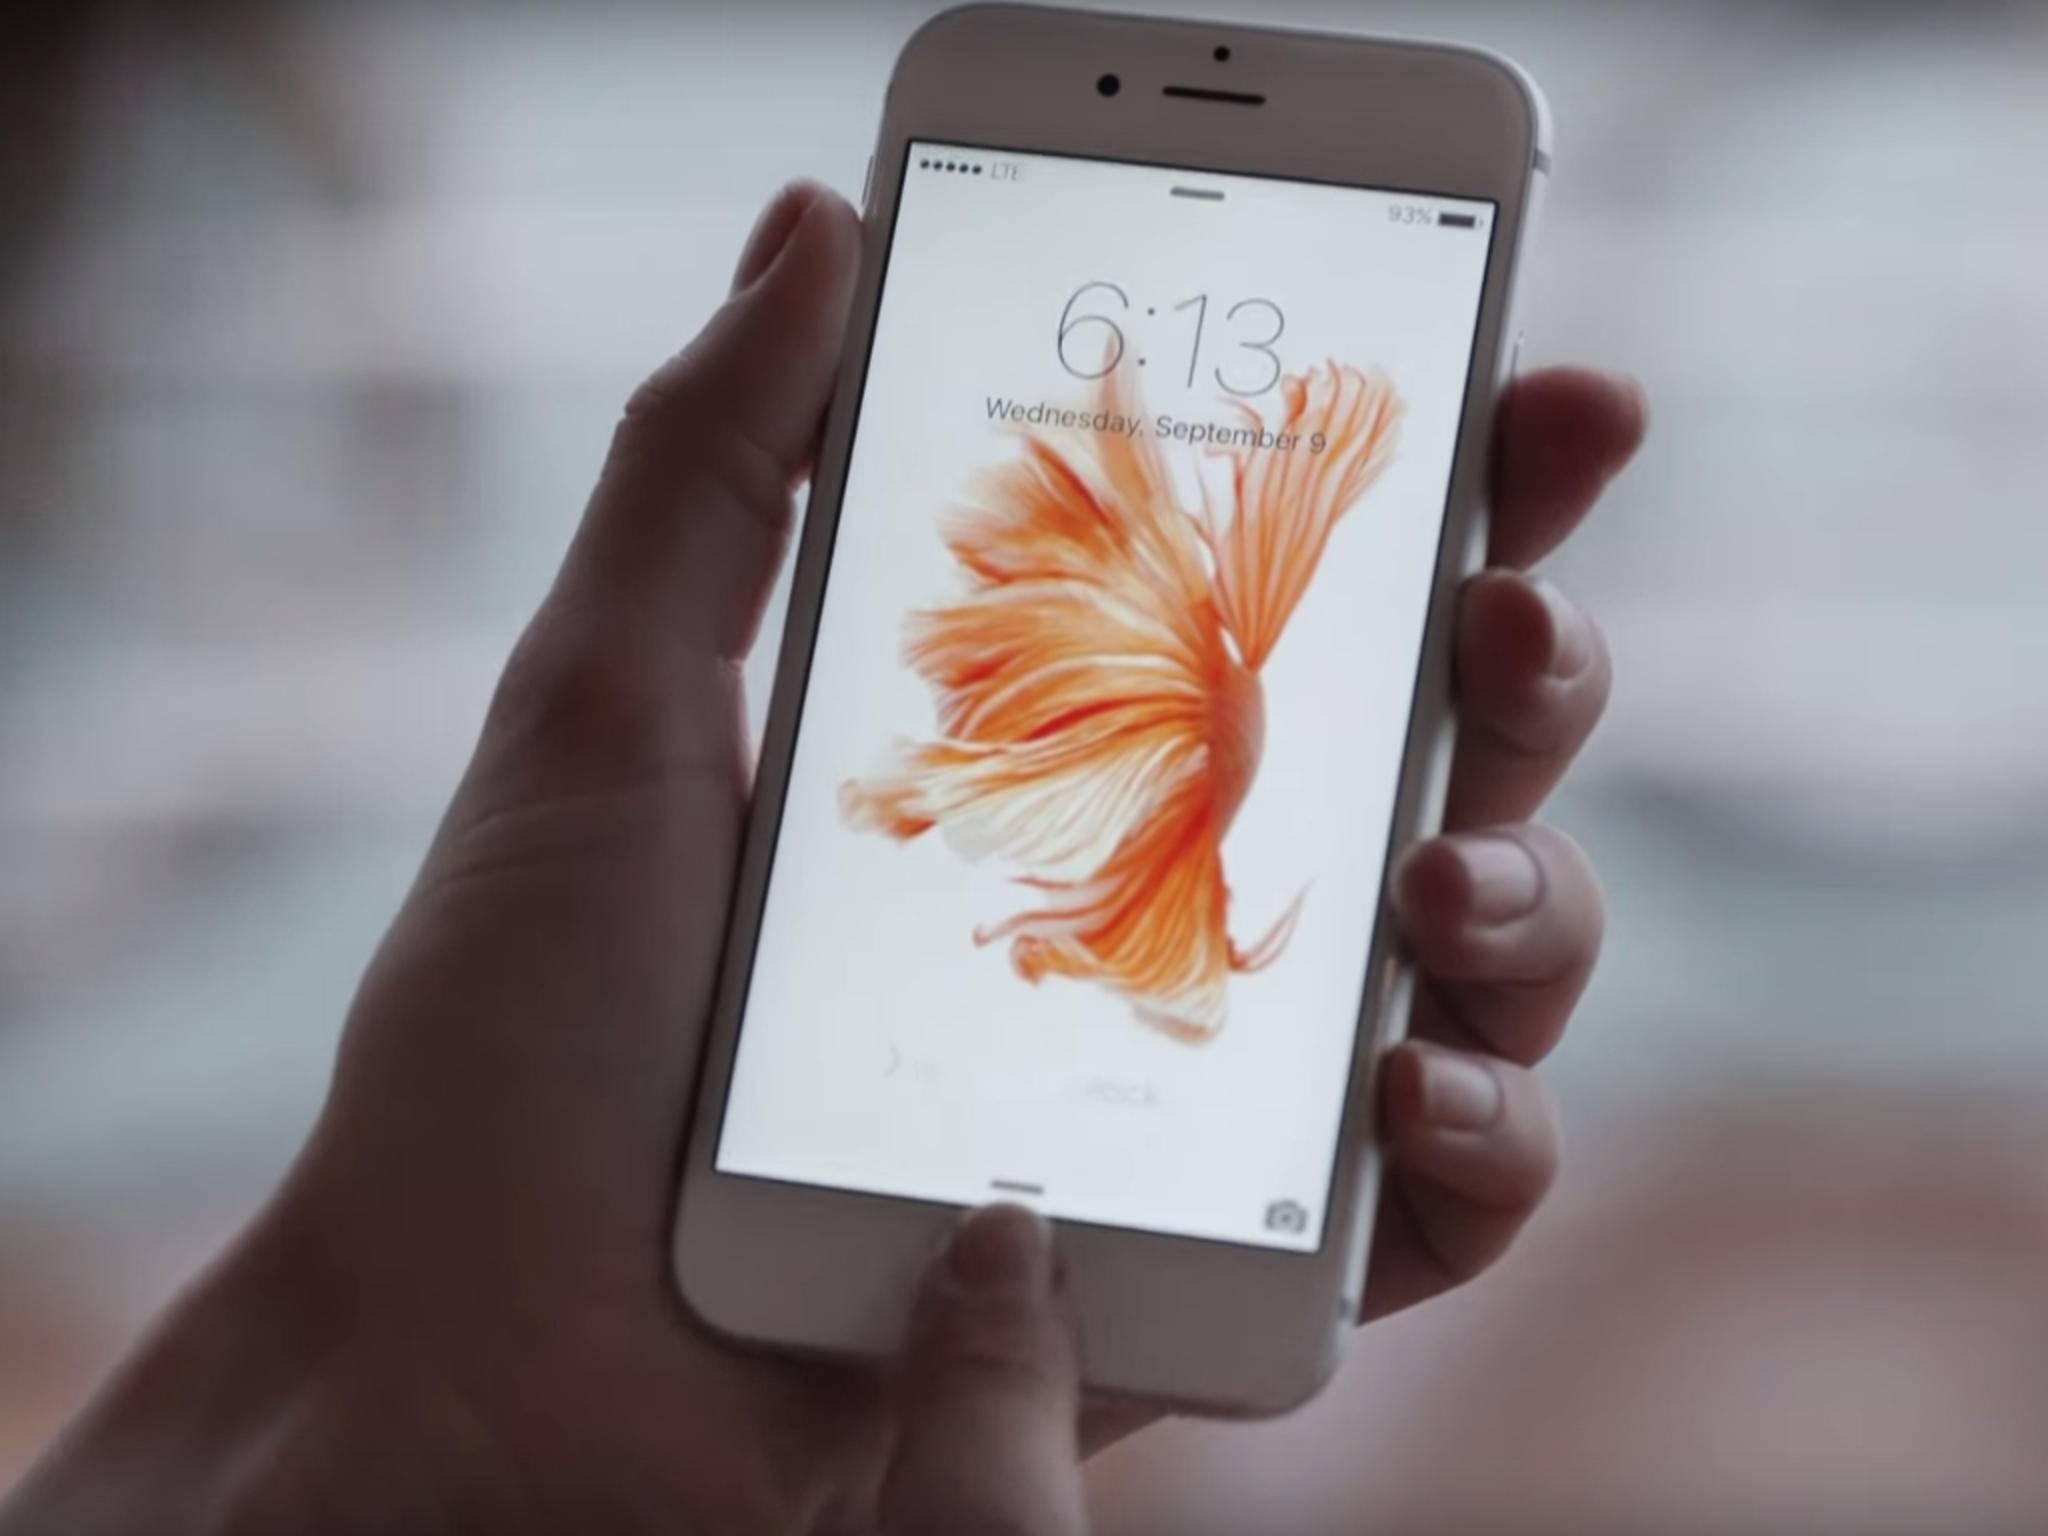 Mit einem einfachen Trick wird das iPhone 6s sofort wieder schneller.